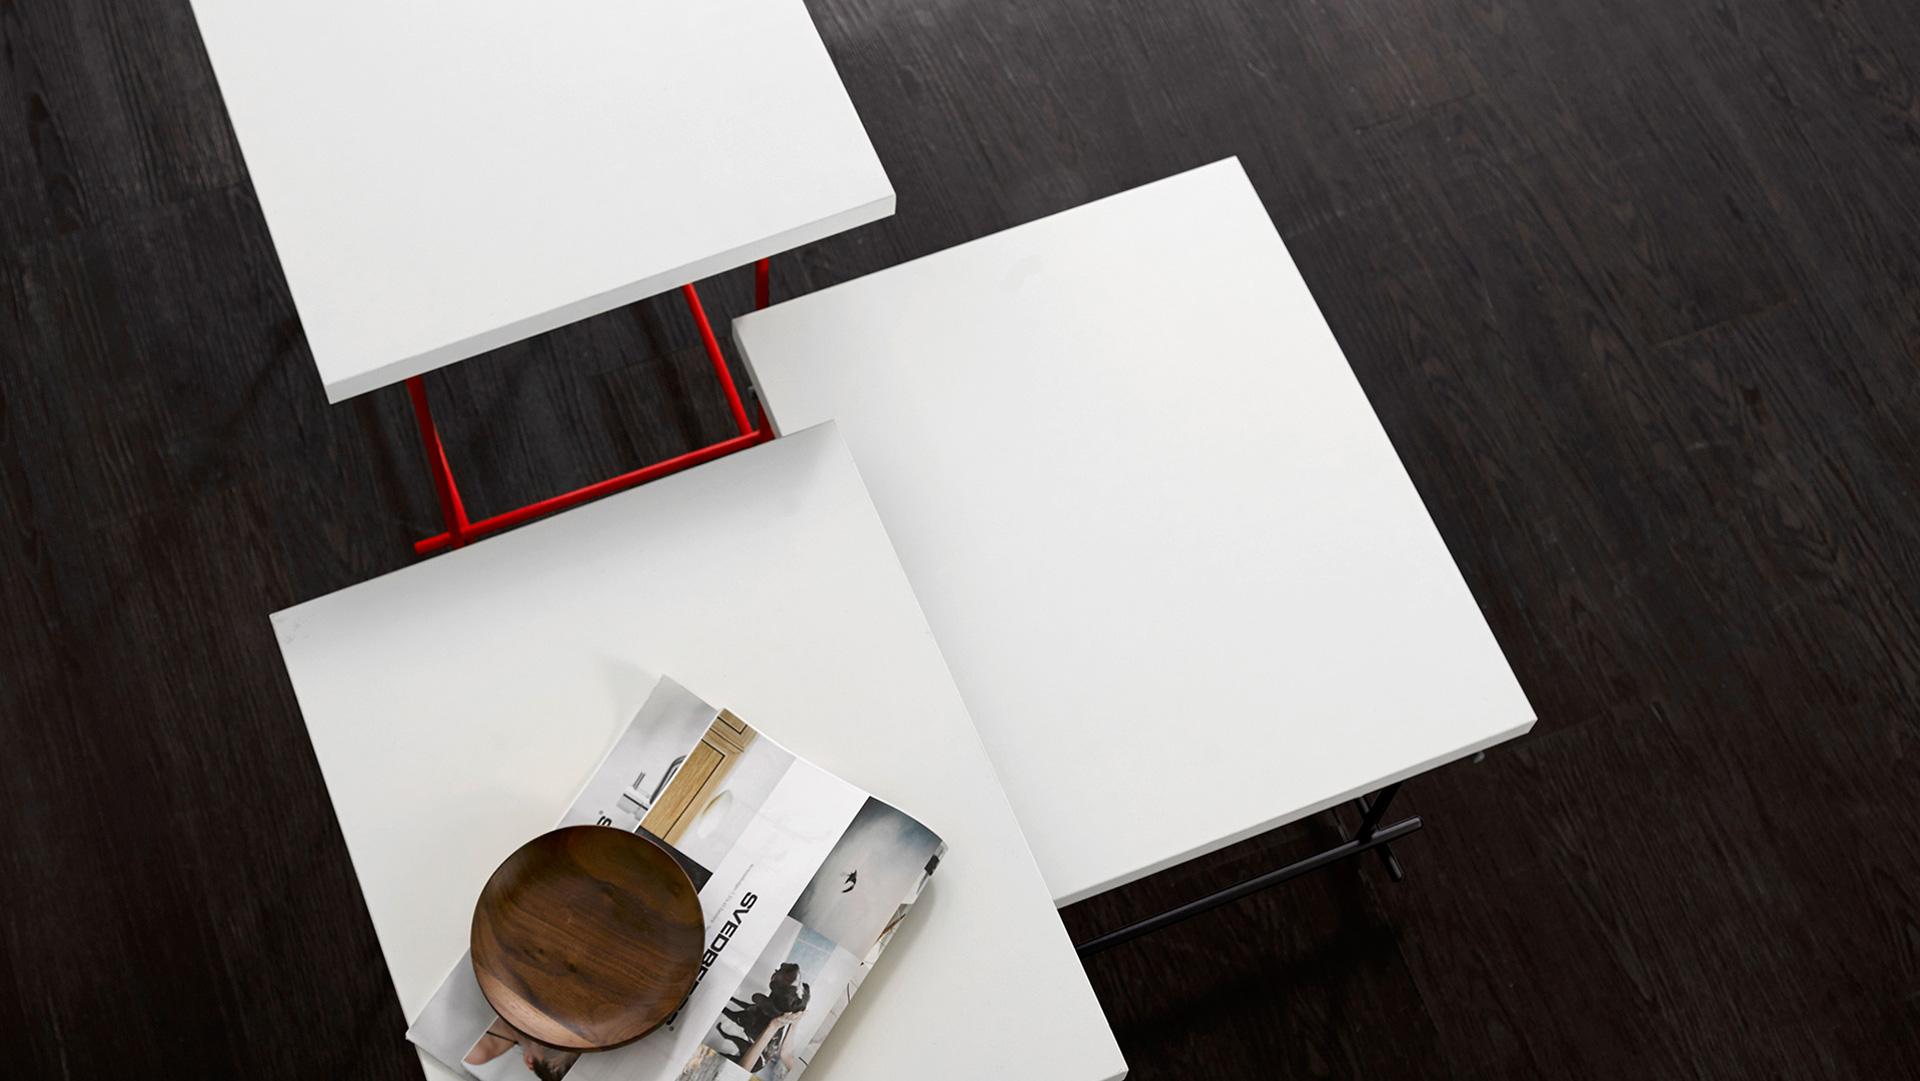 同一个桌面,三重高度变化,解决紧凑空间的置物与收纳问题,也是居室里制造层次感的线条游戏。升级版线几在材质和工艺上做了改良,形态更简洁漂亮,使用更加贴心。?x-oss-process=image/format,jpg/interlace,1